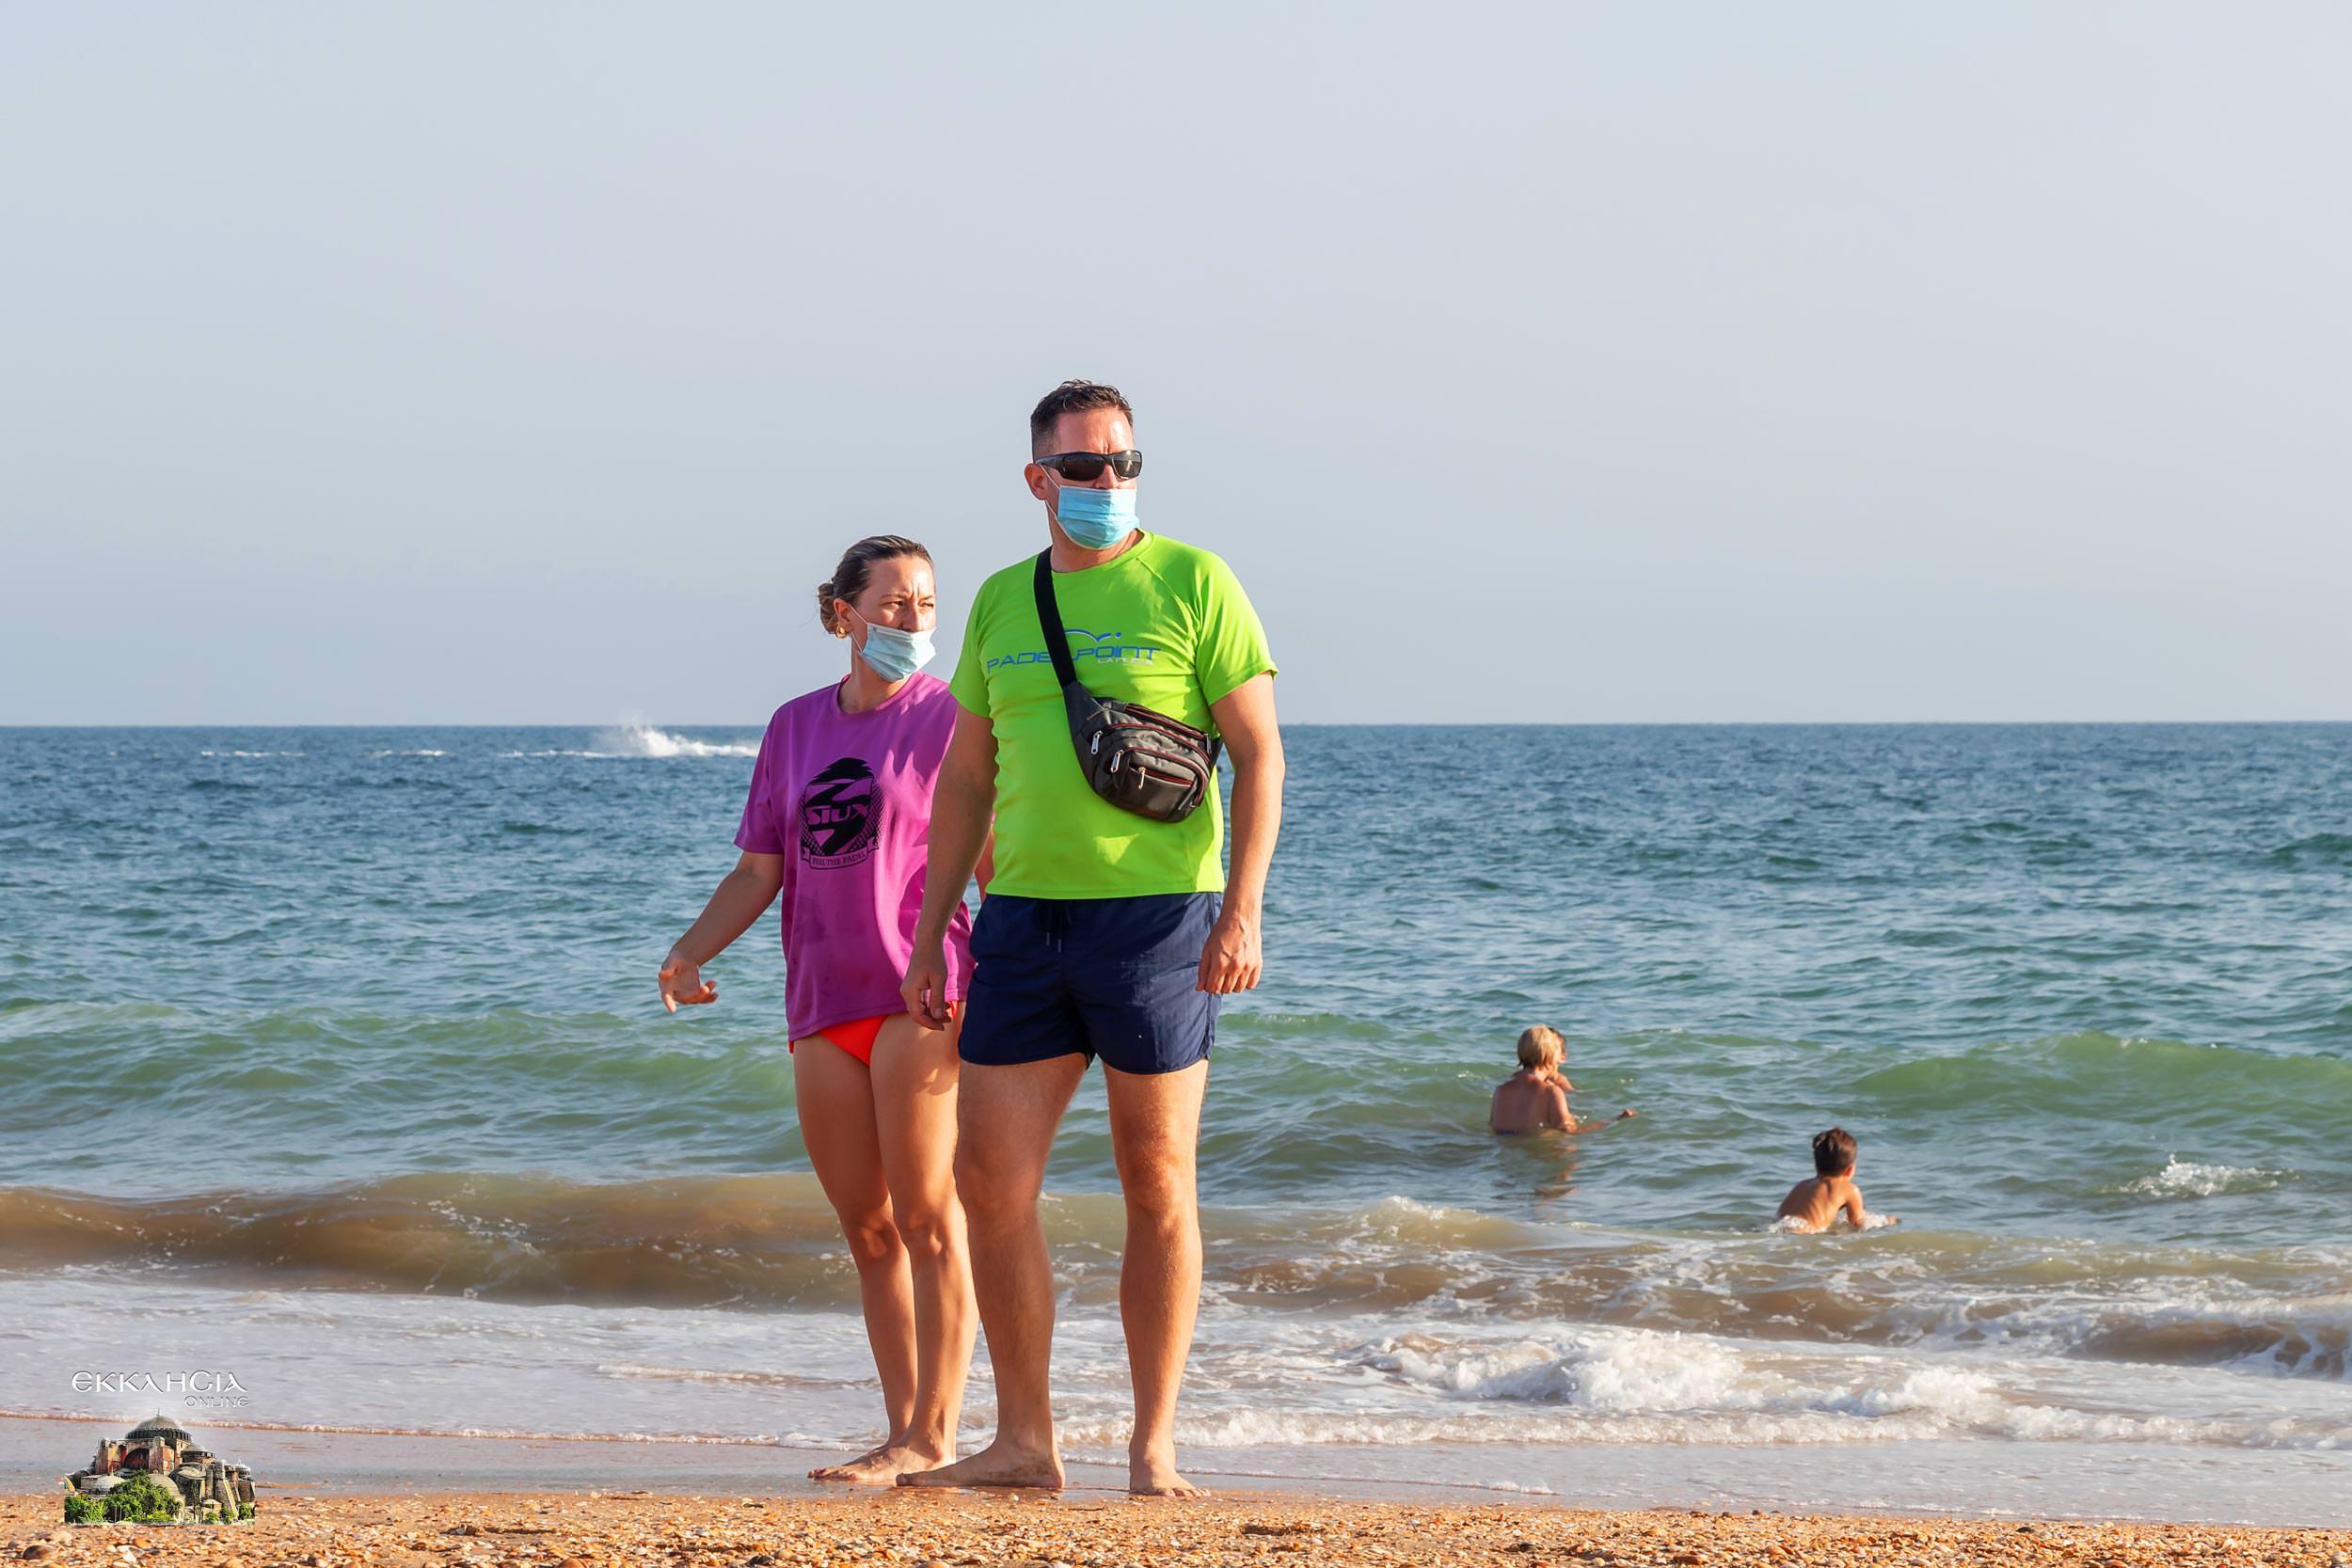 κοροναϊός μάσκα παραλία